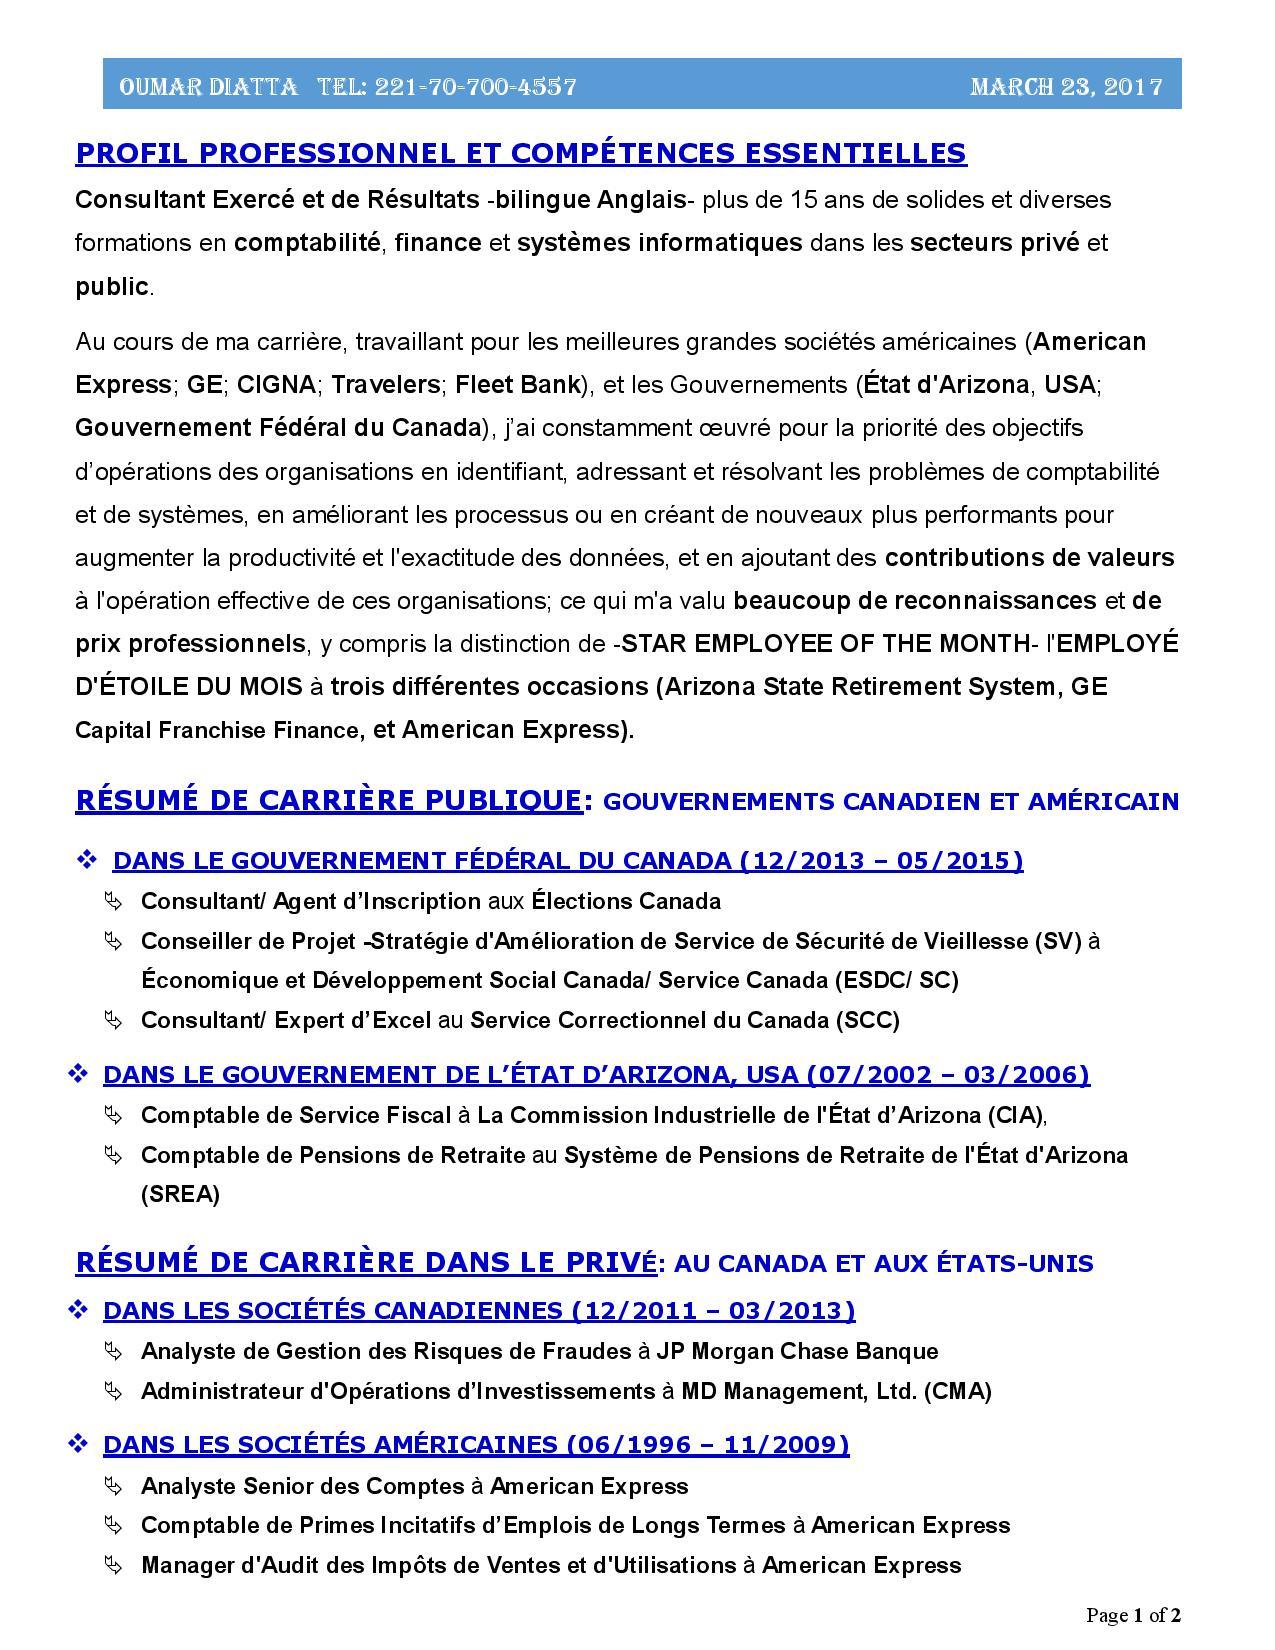 Saisine d'une plainte au procureur de République : Oumar Diatta reste déterminé ( Partie III et fin)